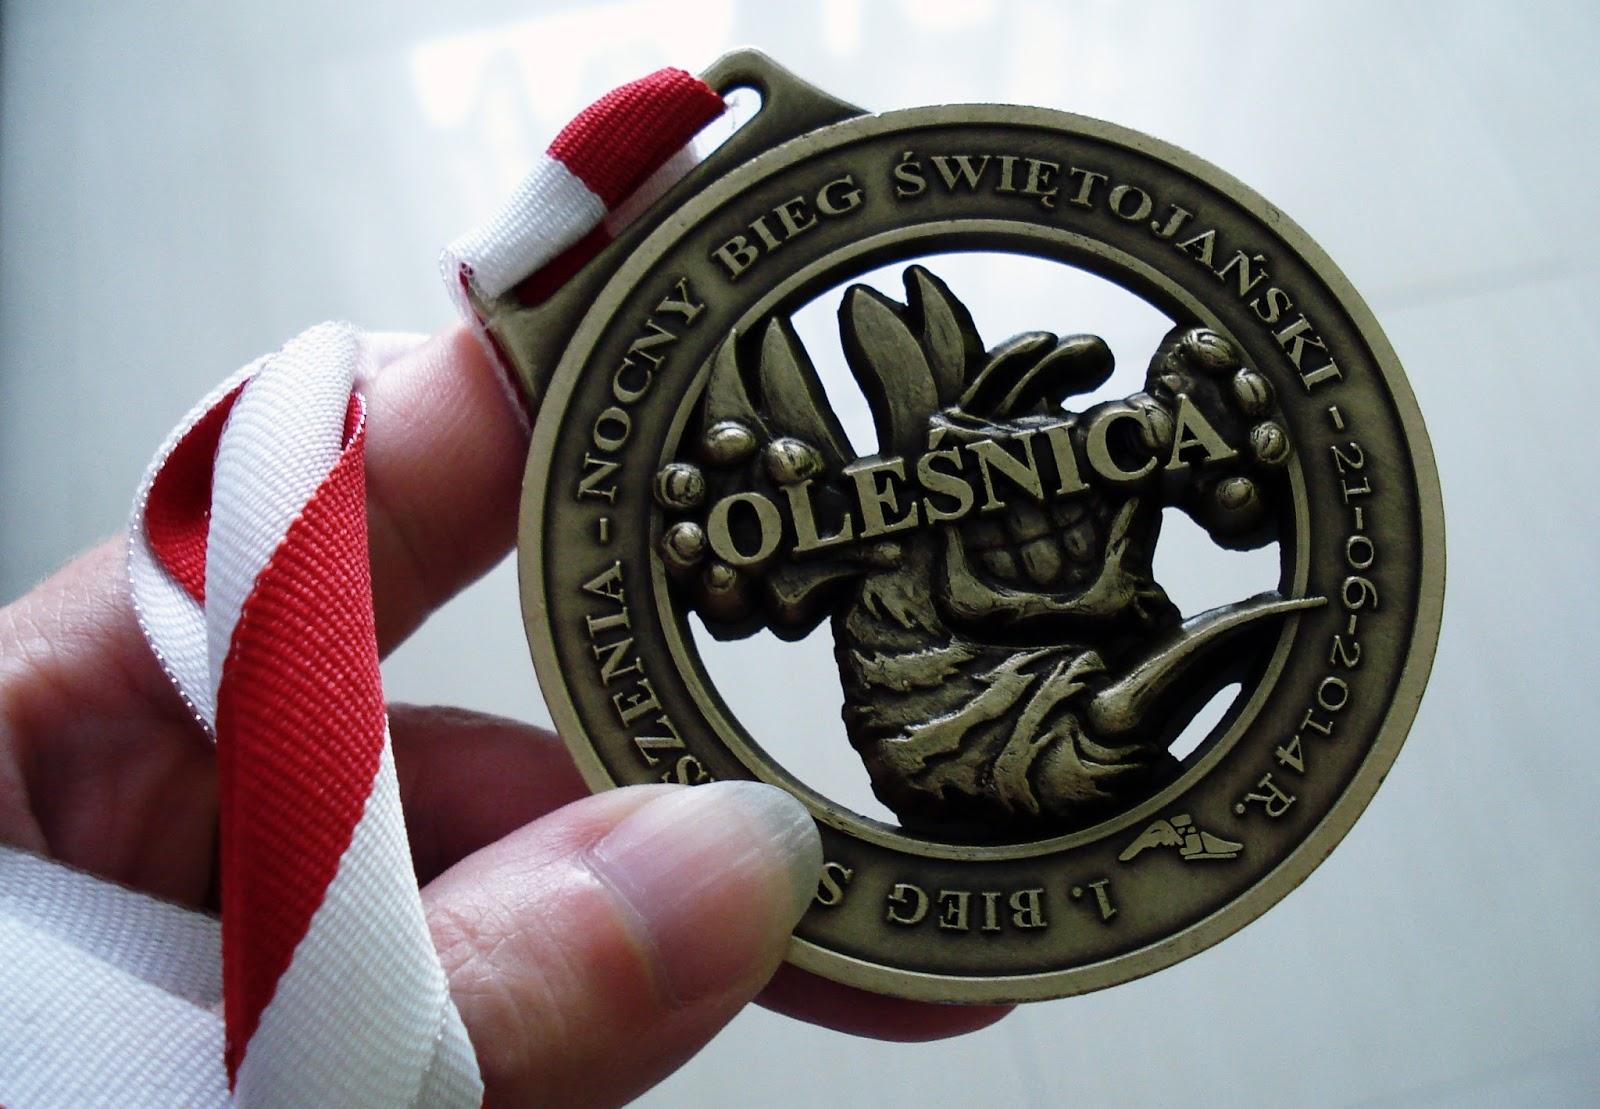 Bieganie, Trening, Zawody biegowe, Medal